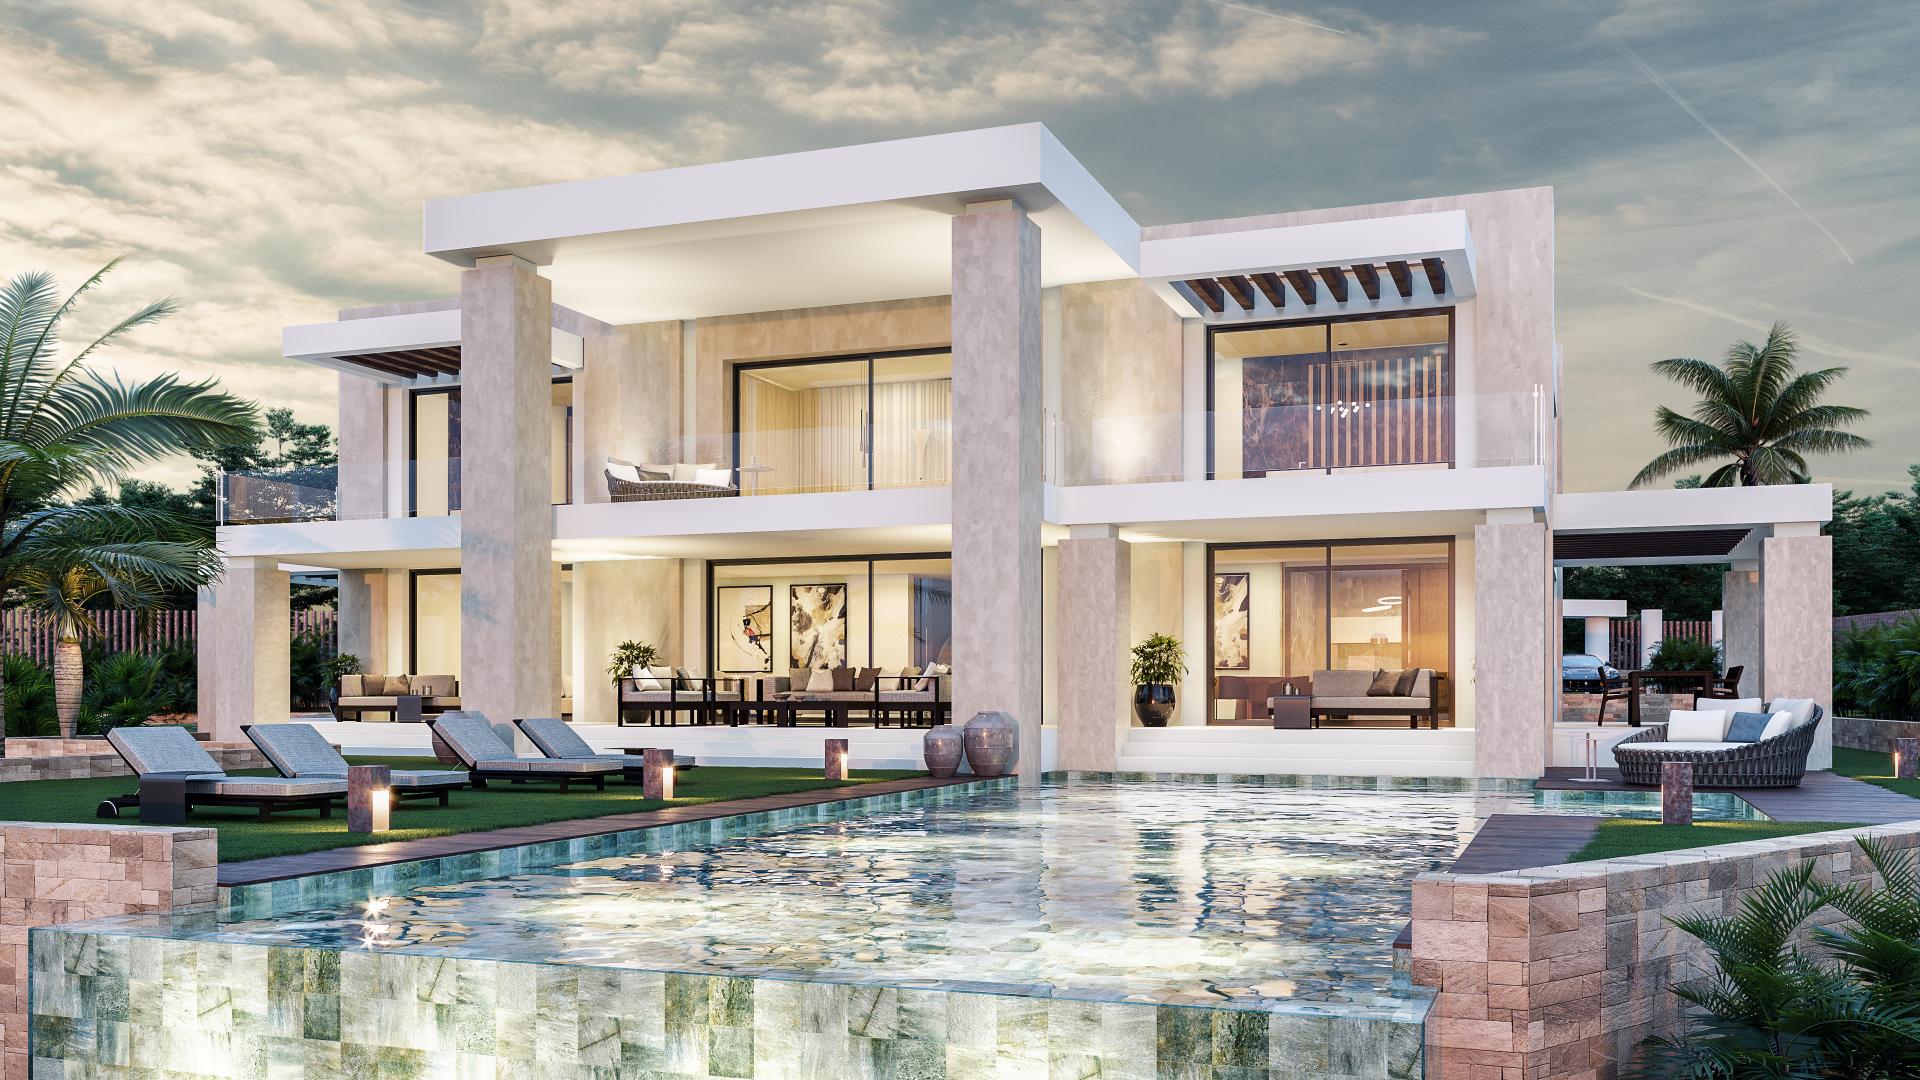 Indrukwekkend project voor luxevilla in Marbella, Golden Mile